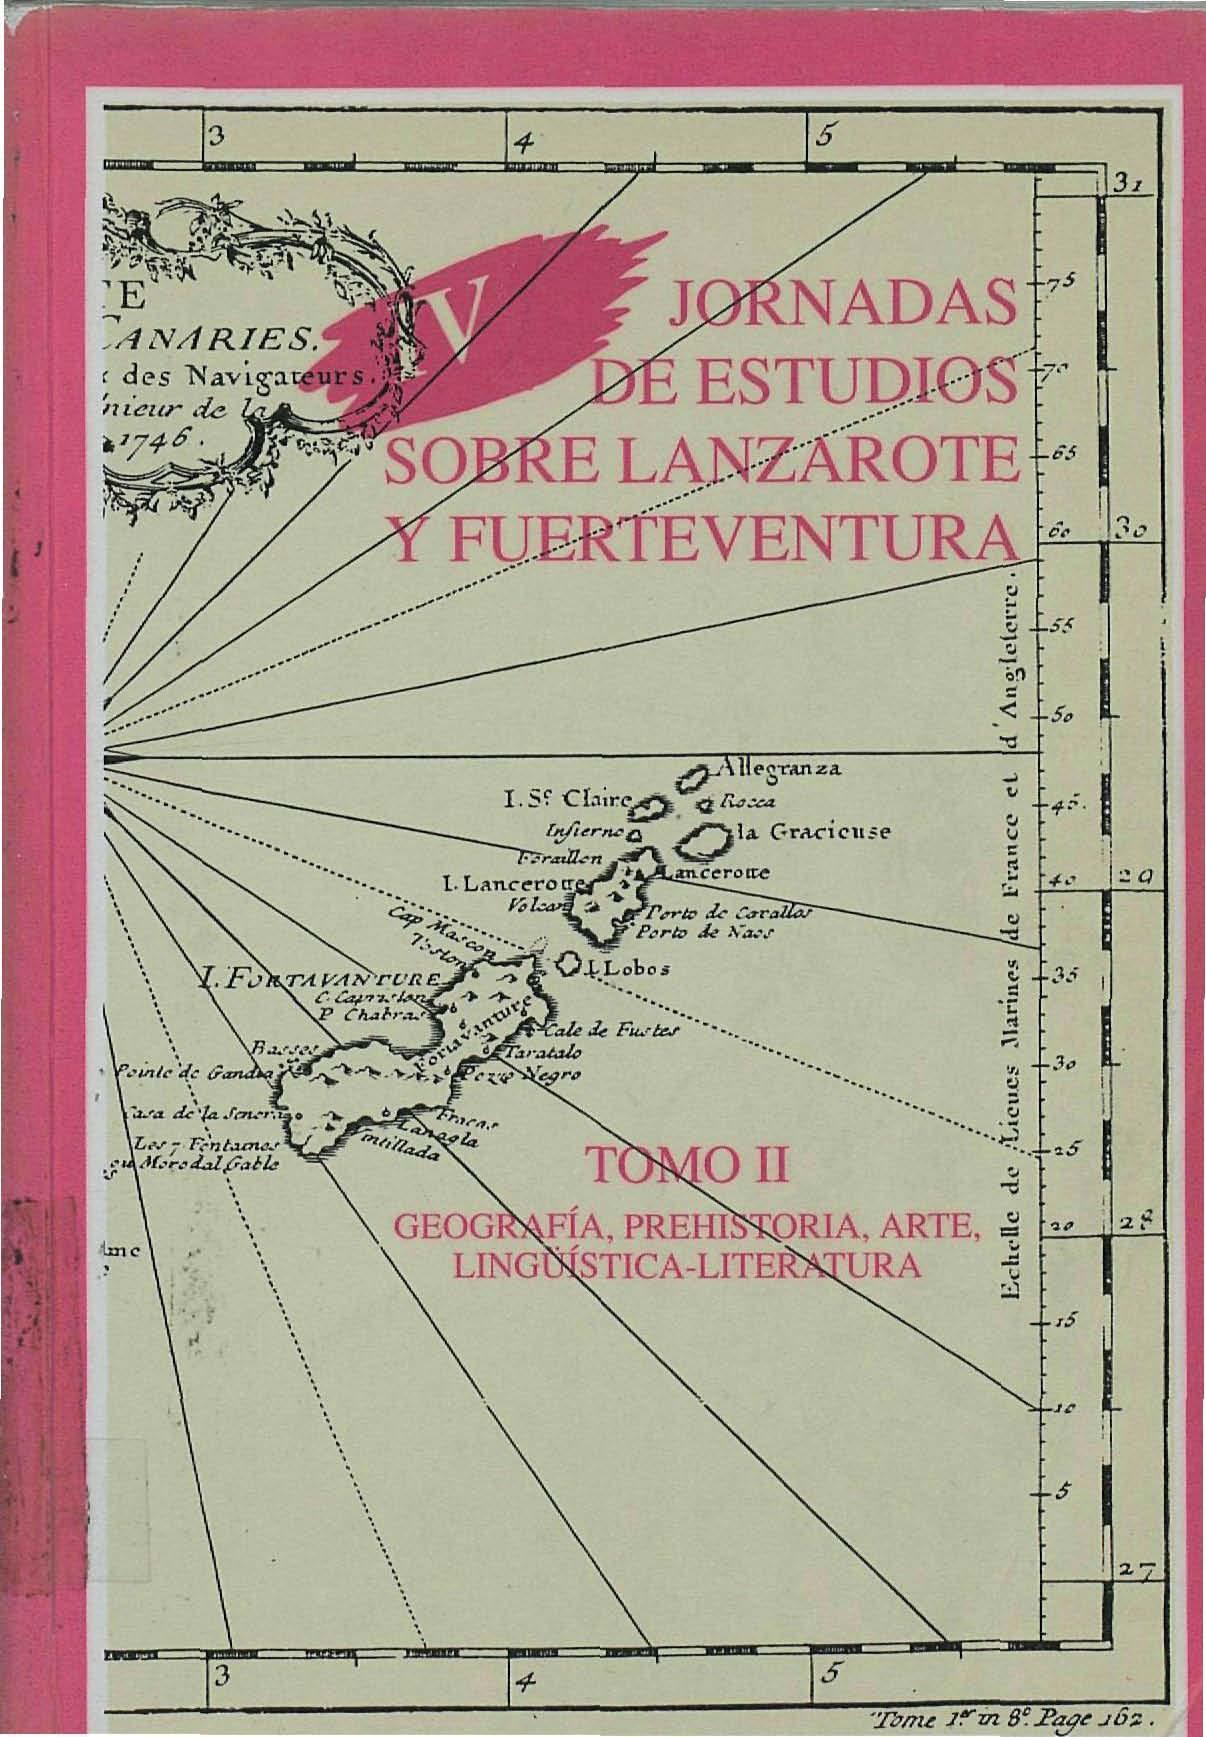 La infraestructura aeroportuaria y el transporte aéreo en la isla de Lanzarote